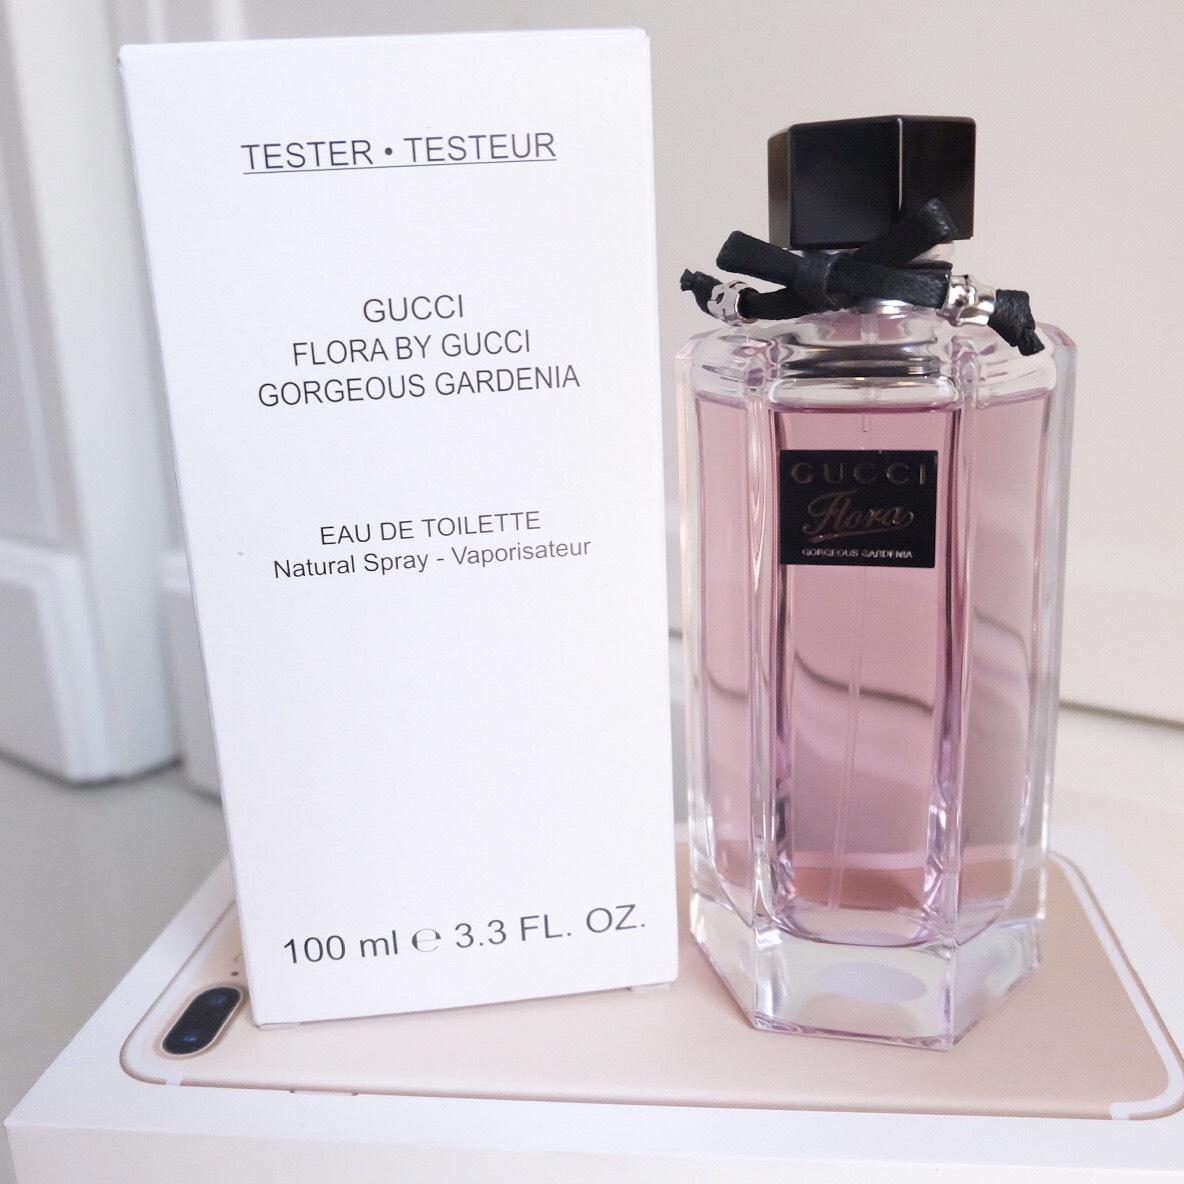 น้ำหอม Gucci Flora Gorgeous Gardenia EDT for Women 100 ml. ของแท้ 100%